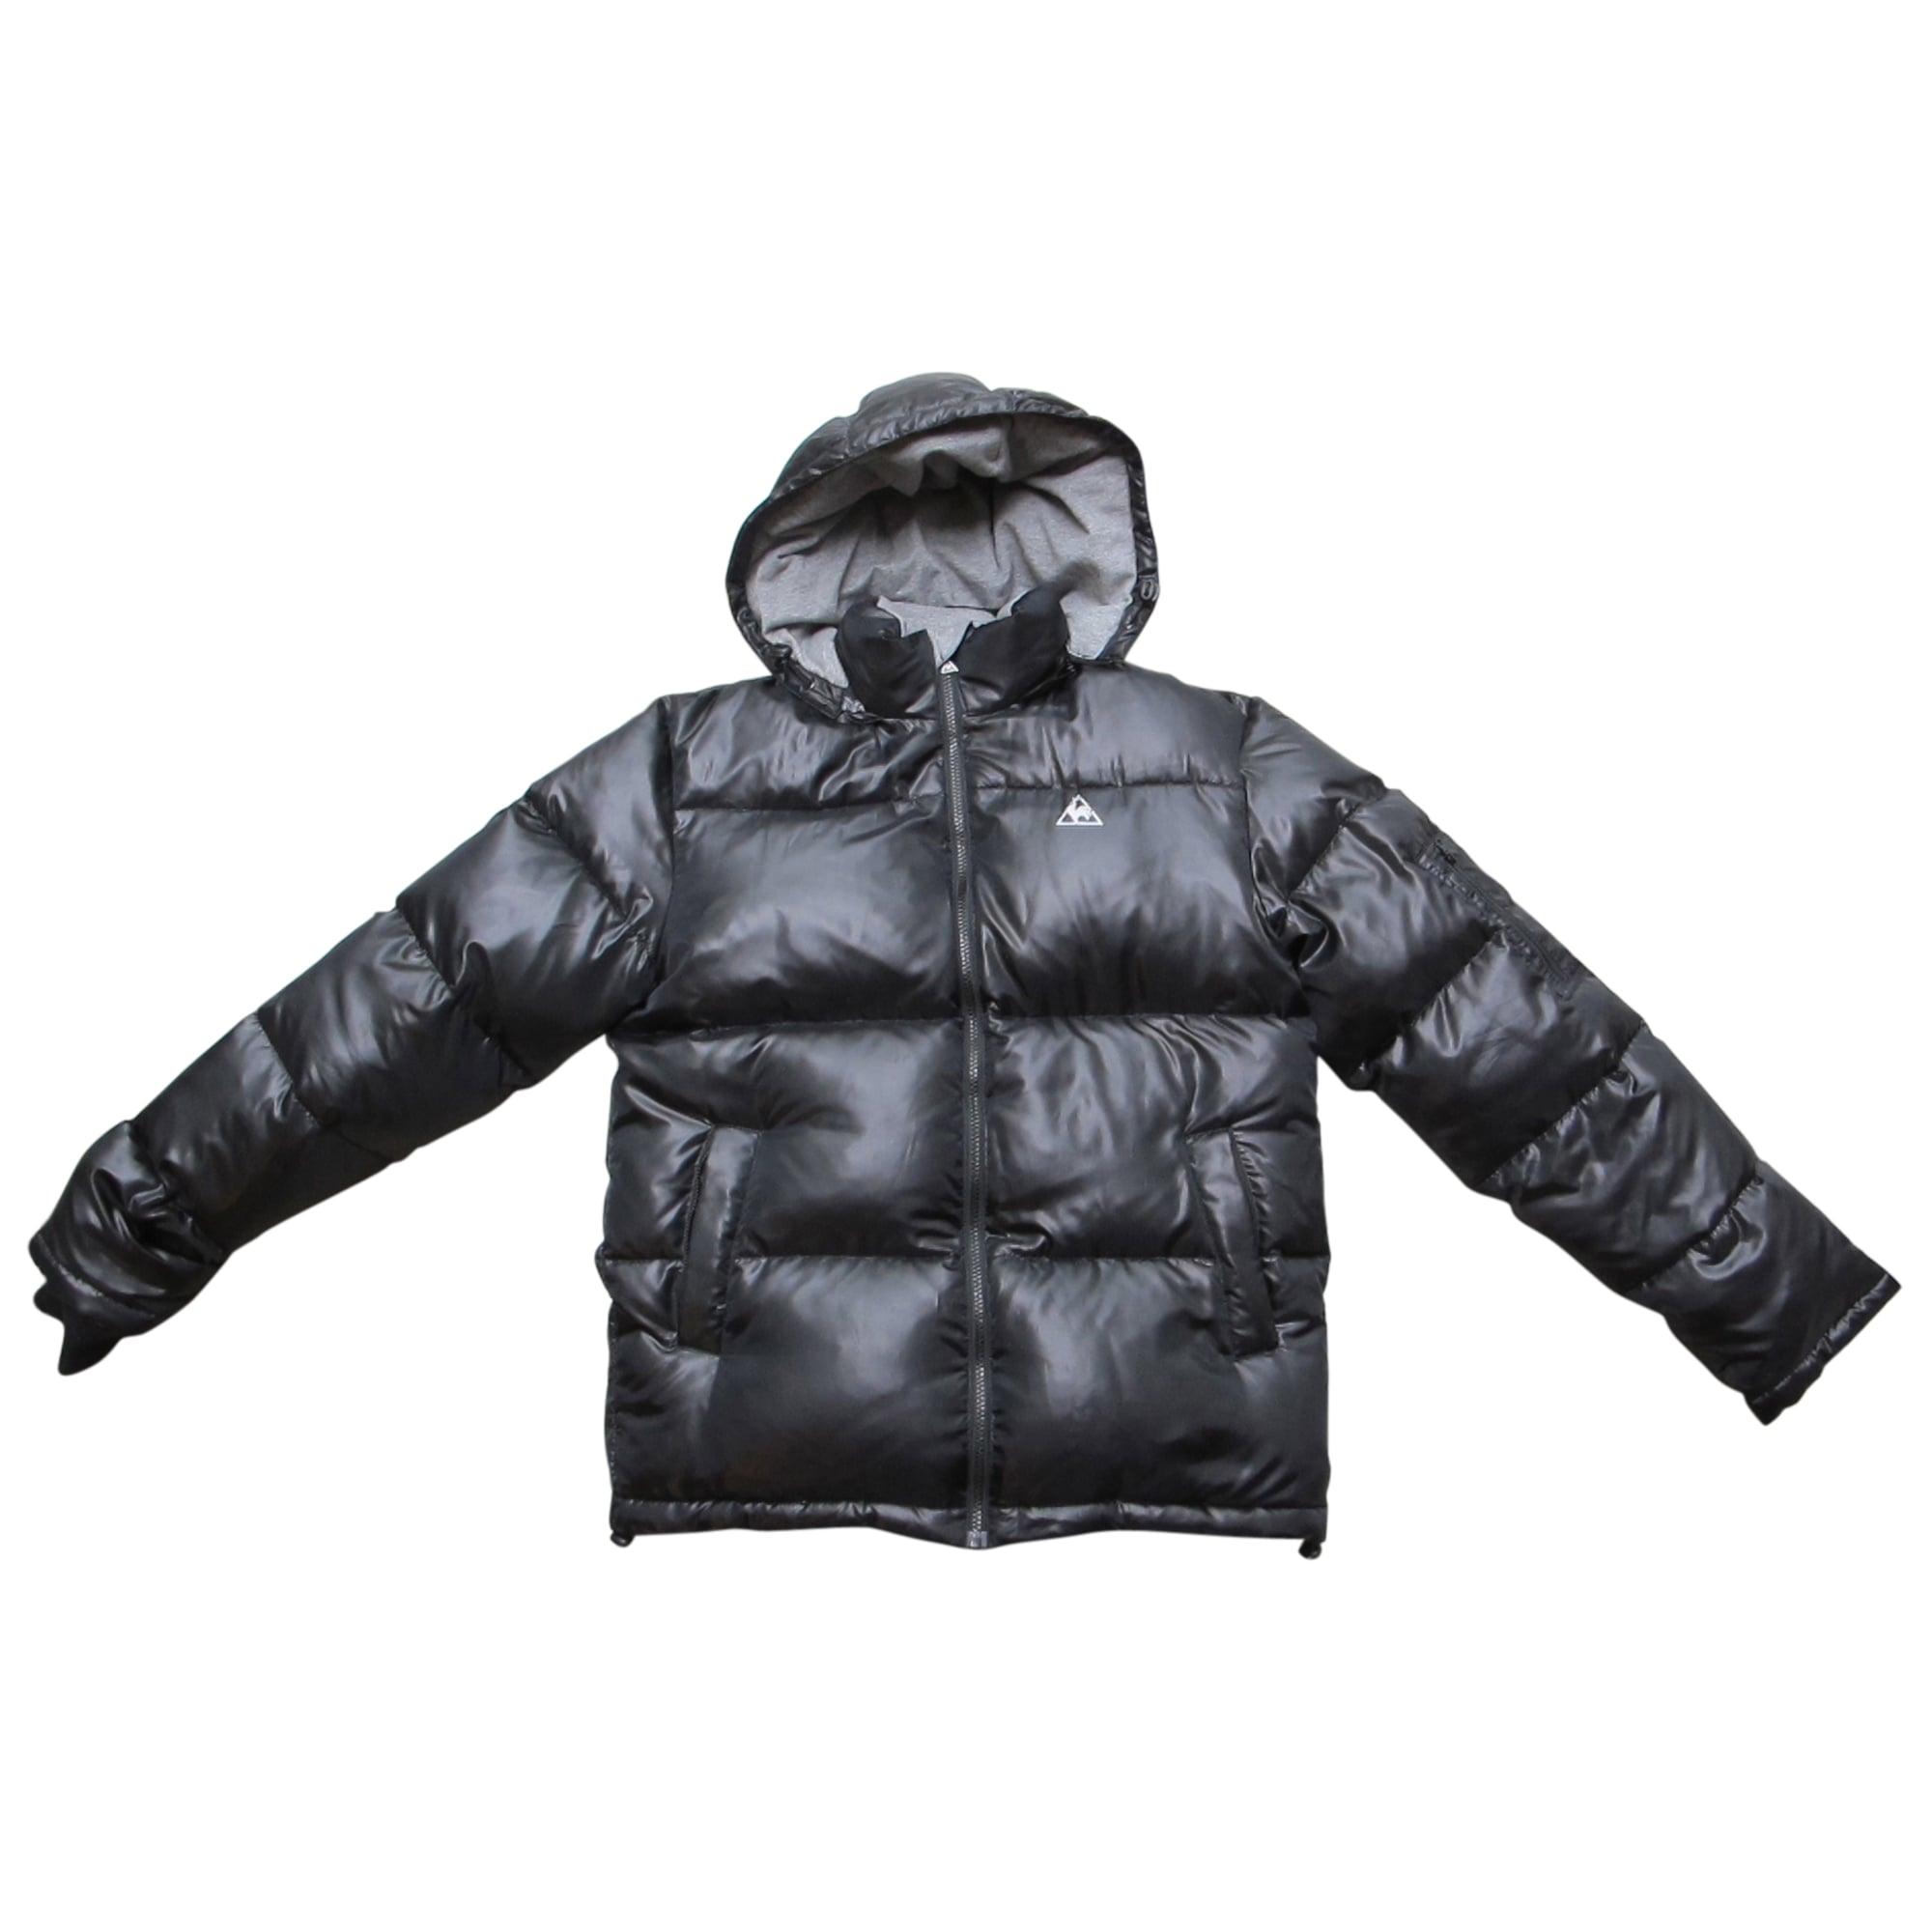 Doudoune Sportif Vendu Noir 14100423 Par Coq Florence m Le 48 xBwPOqx1